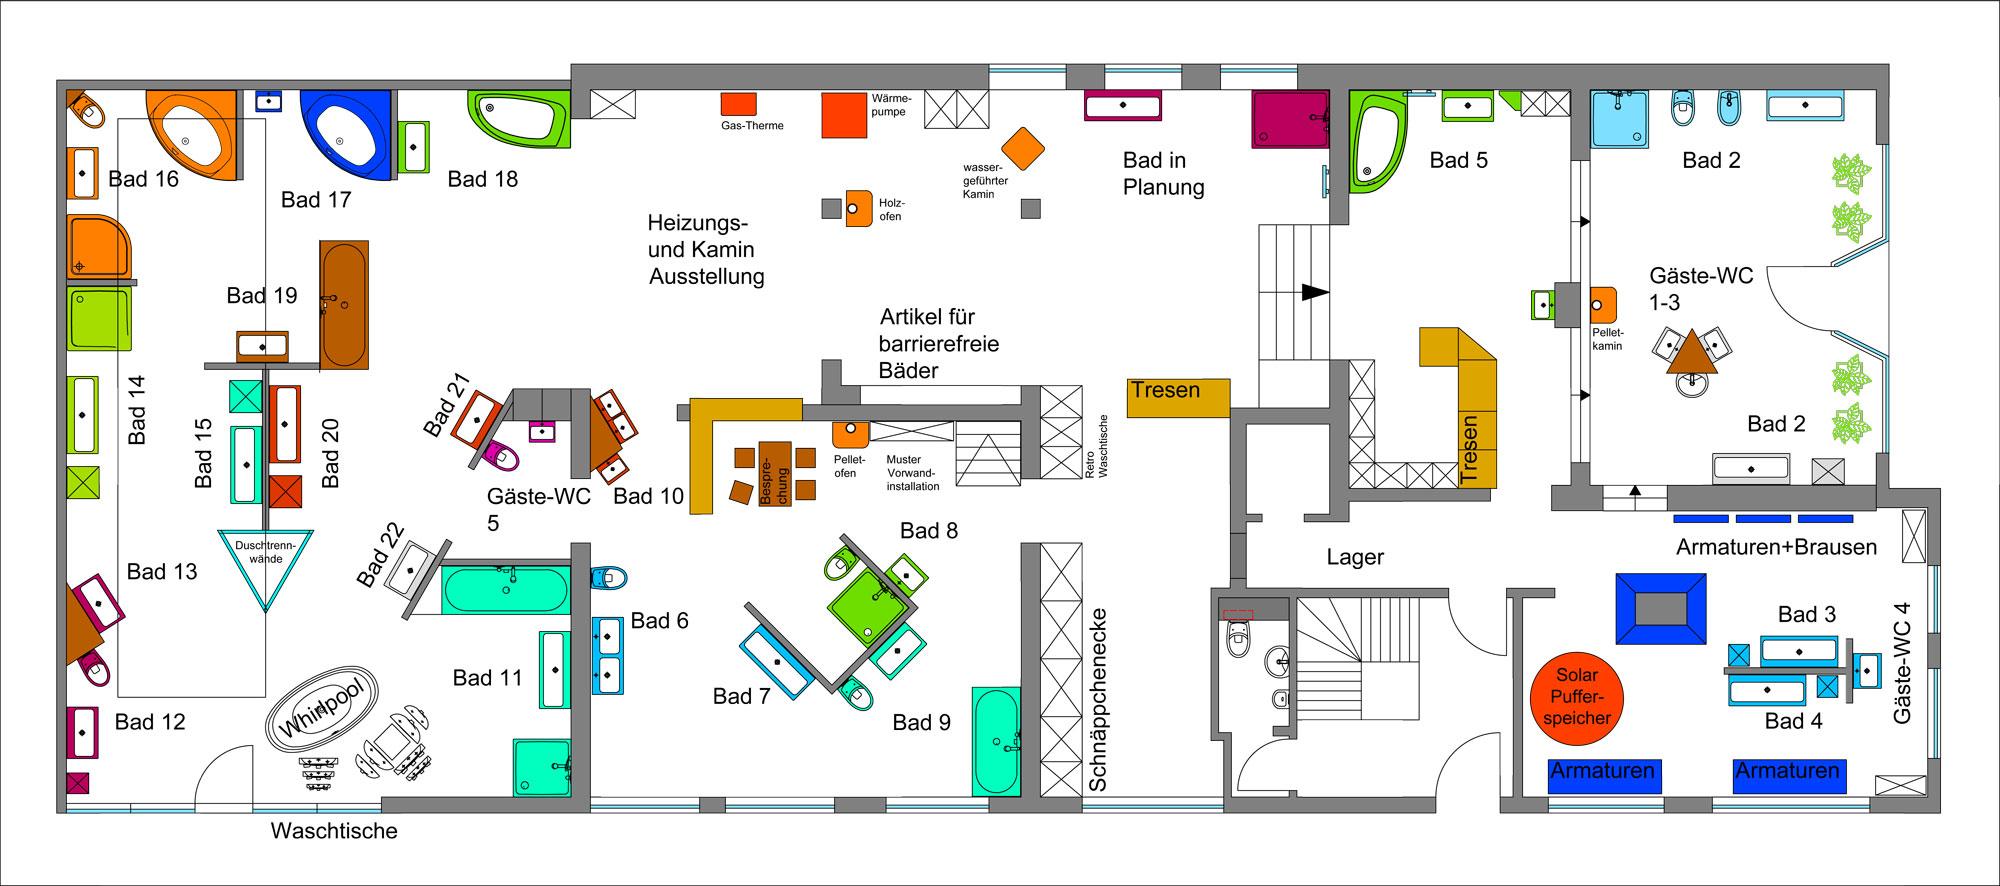 Badausstellung in Freiburg an der Elbe - Mahler Haustechnik